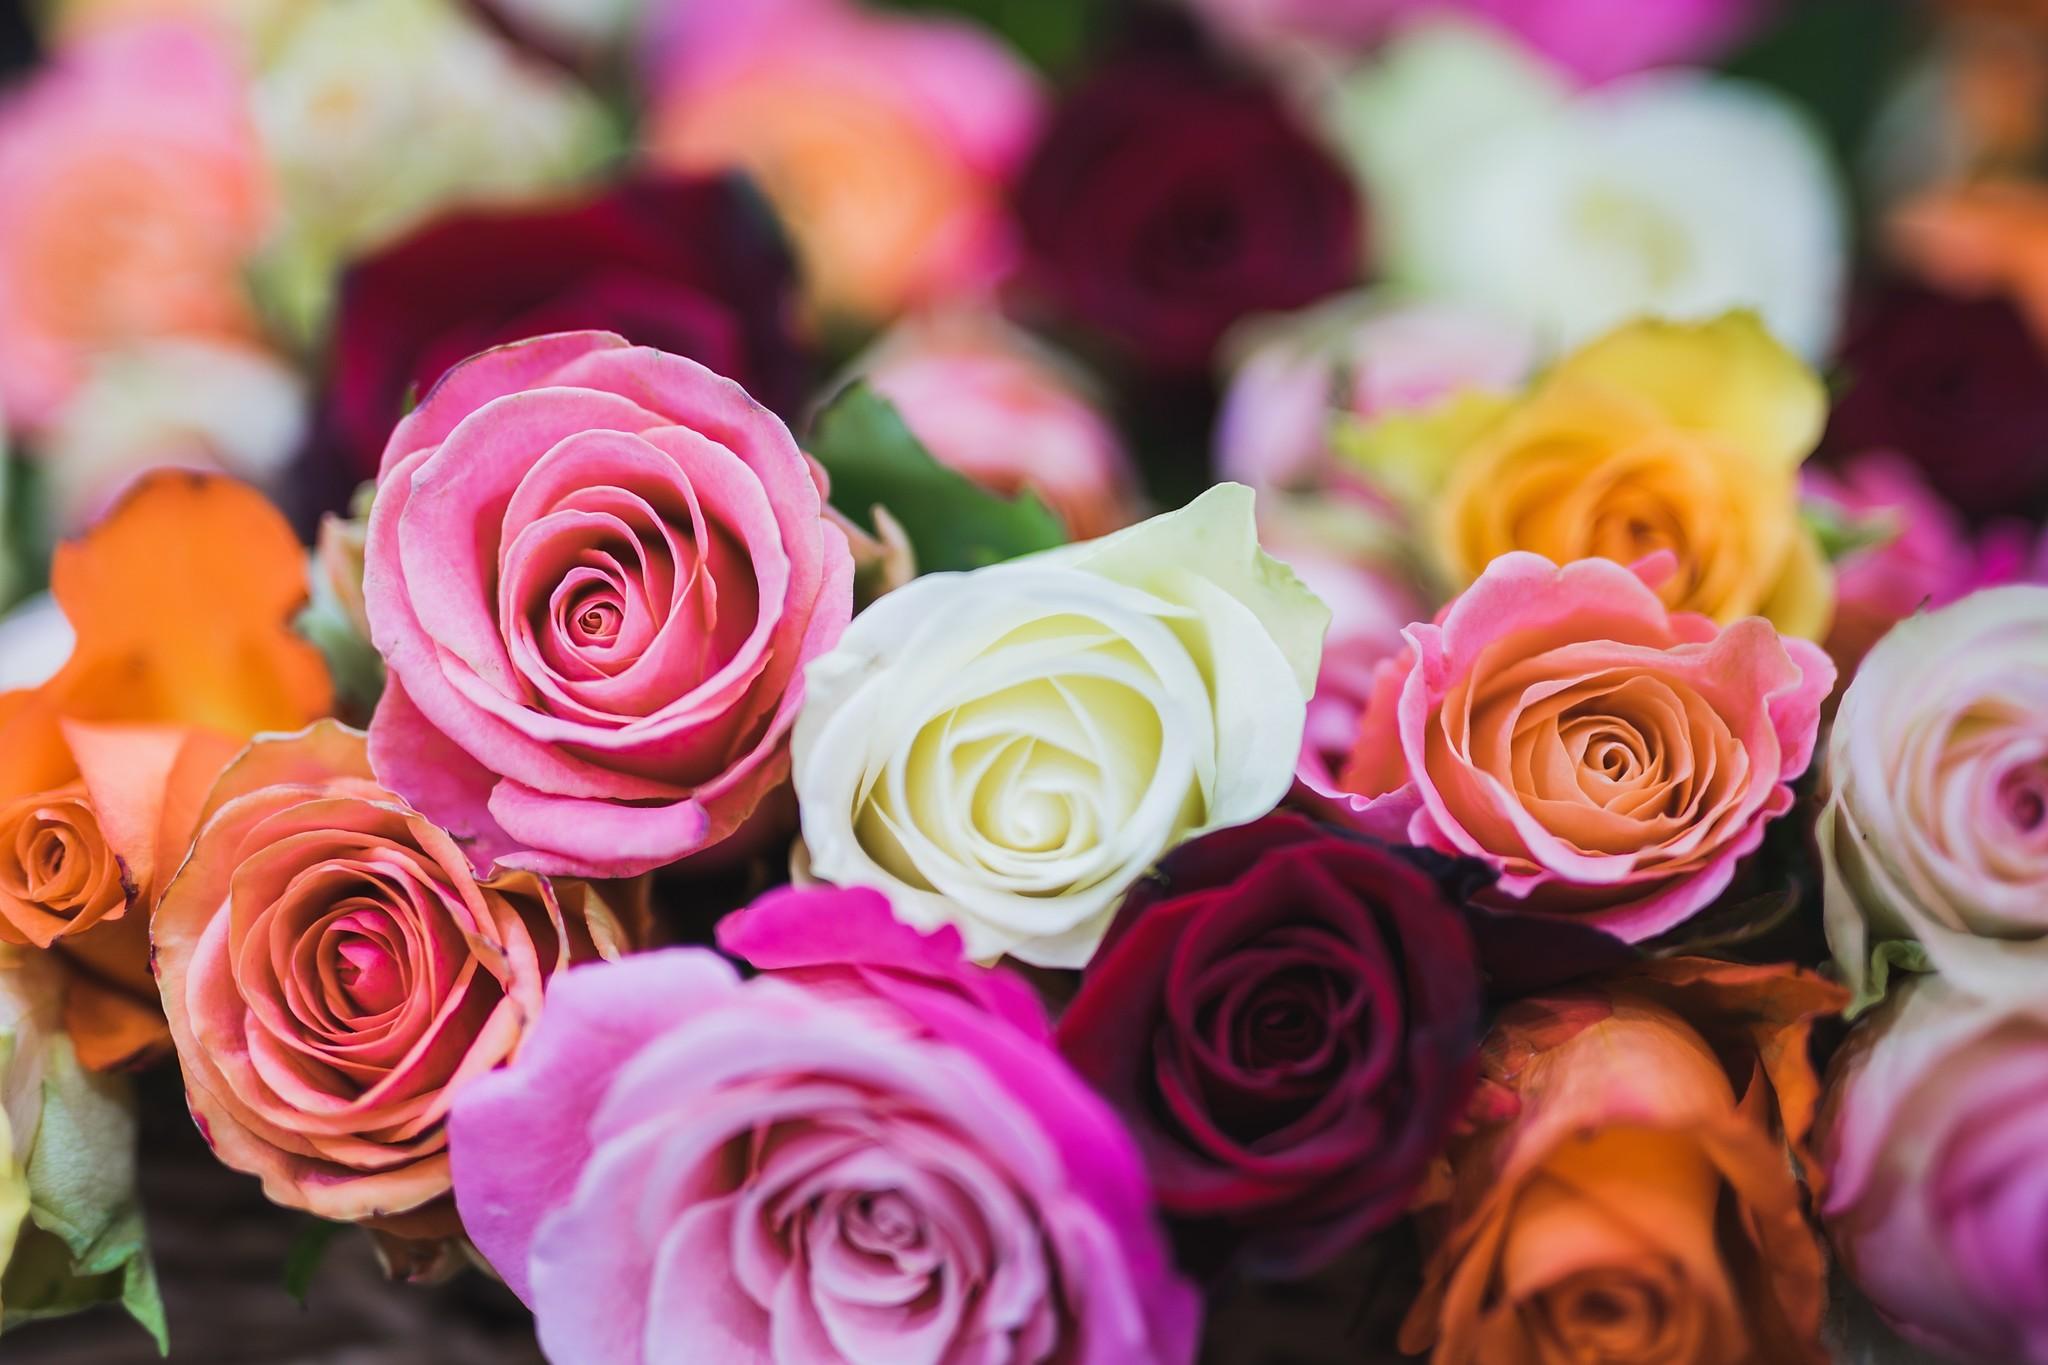 Op zoek naar bloemen voor in huis? Kies voor Rozen!